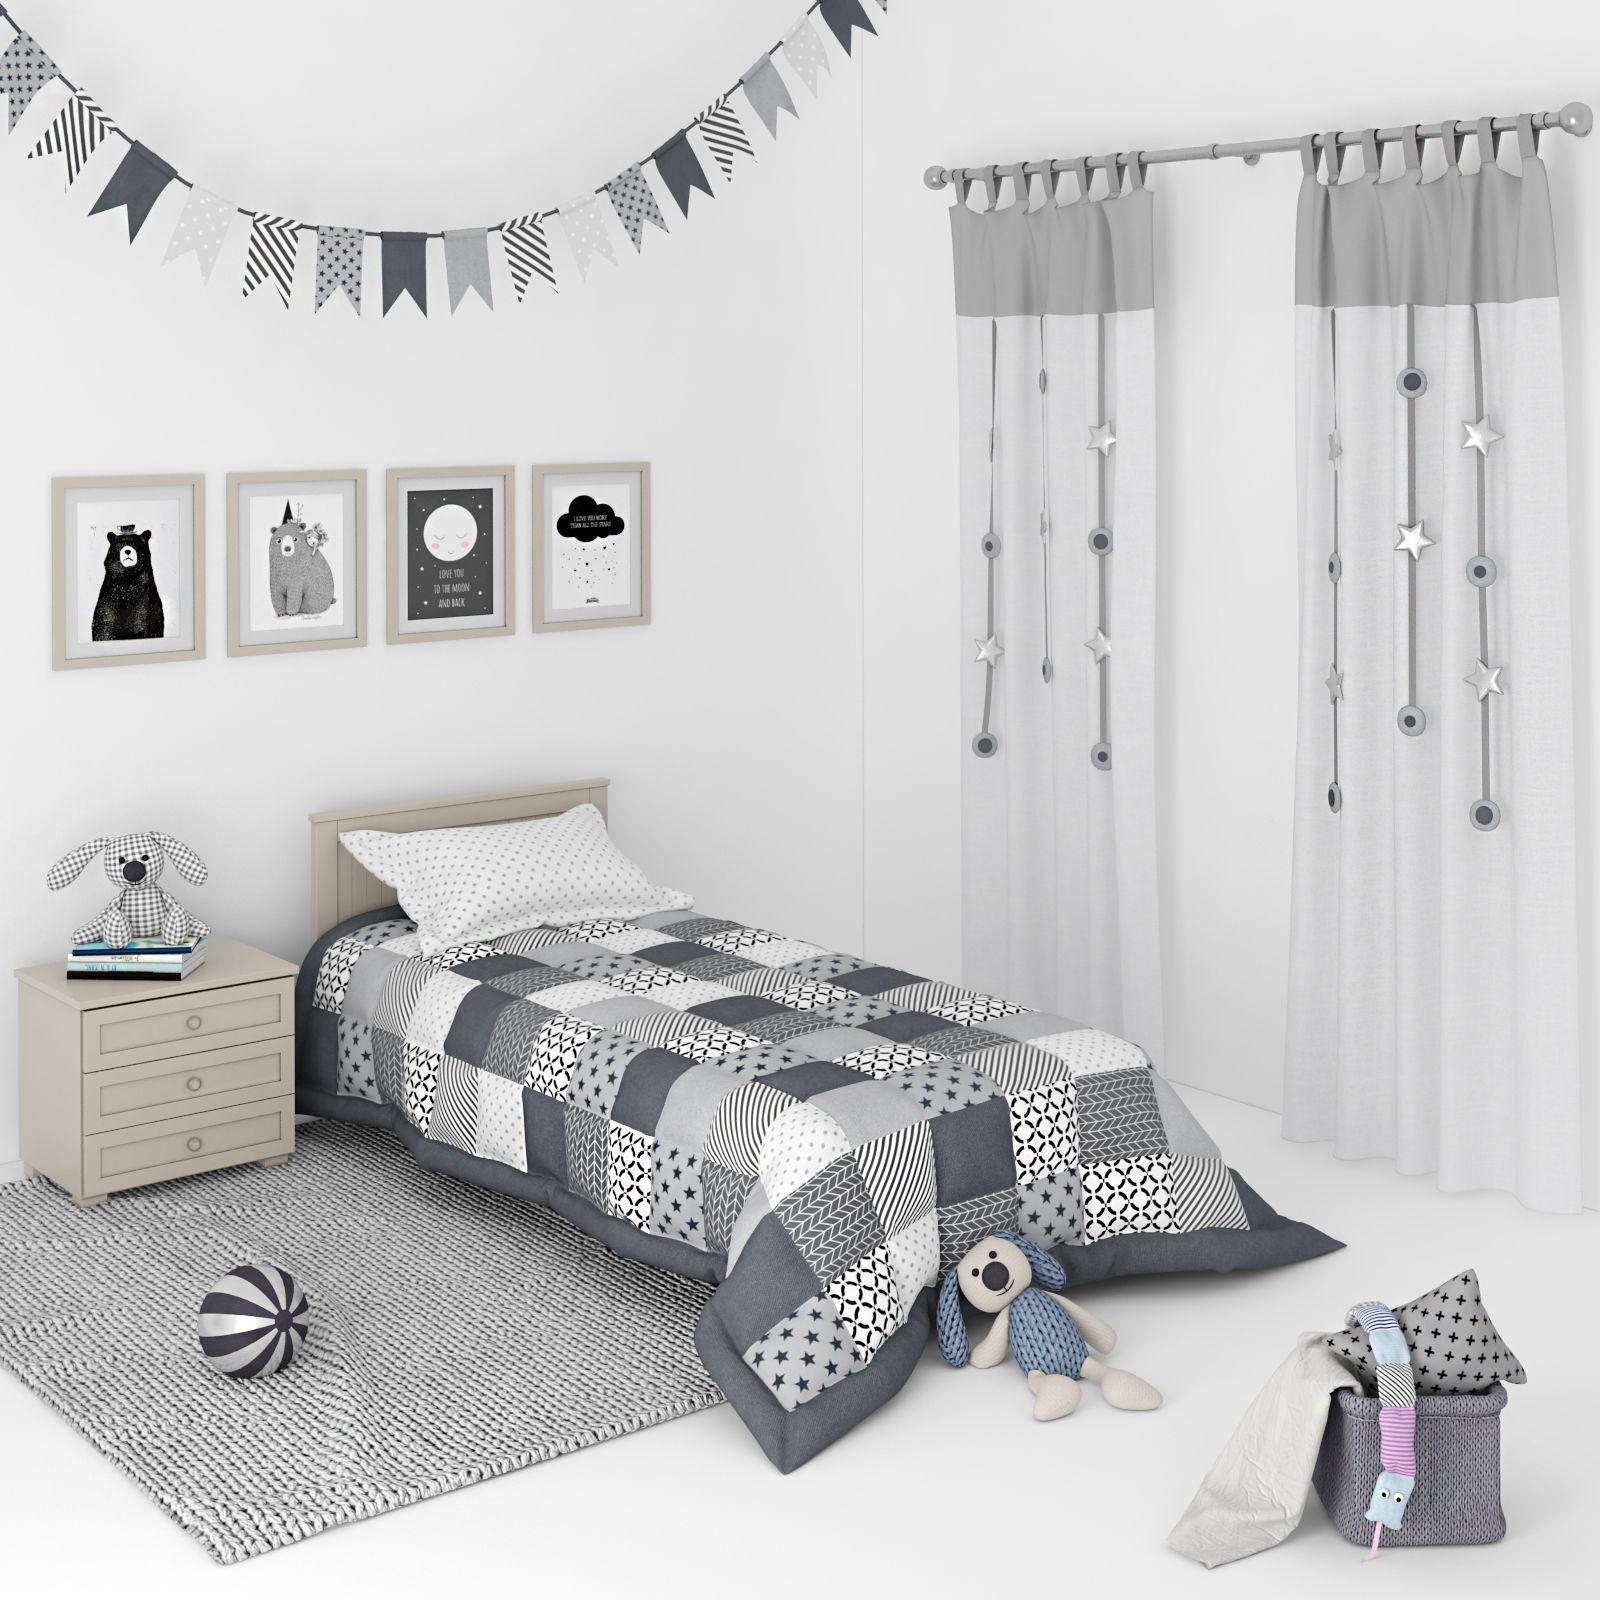 Decorative set for a Kids bedroom